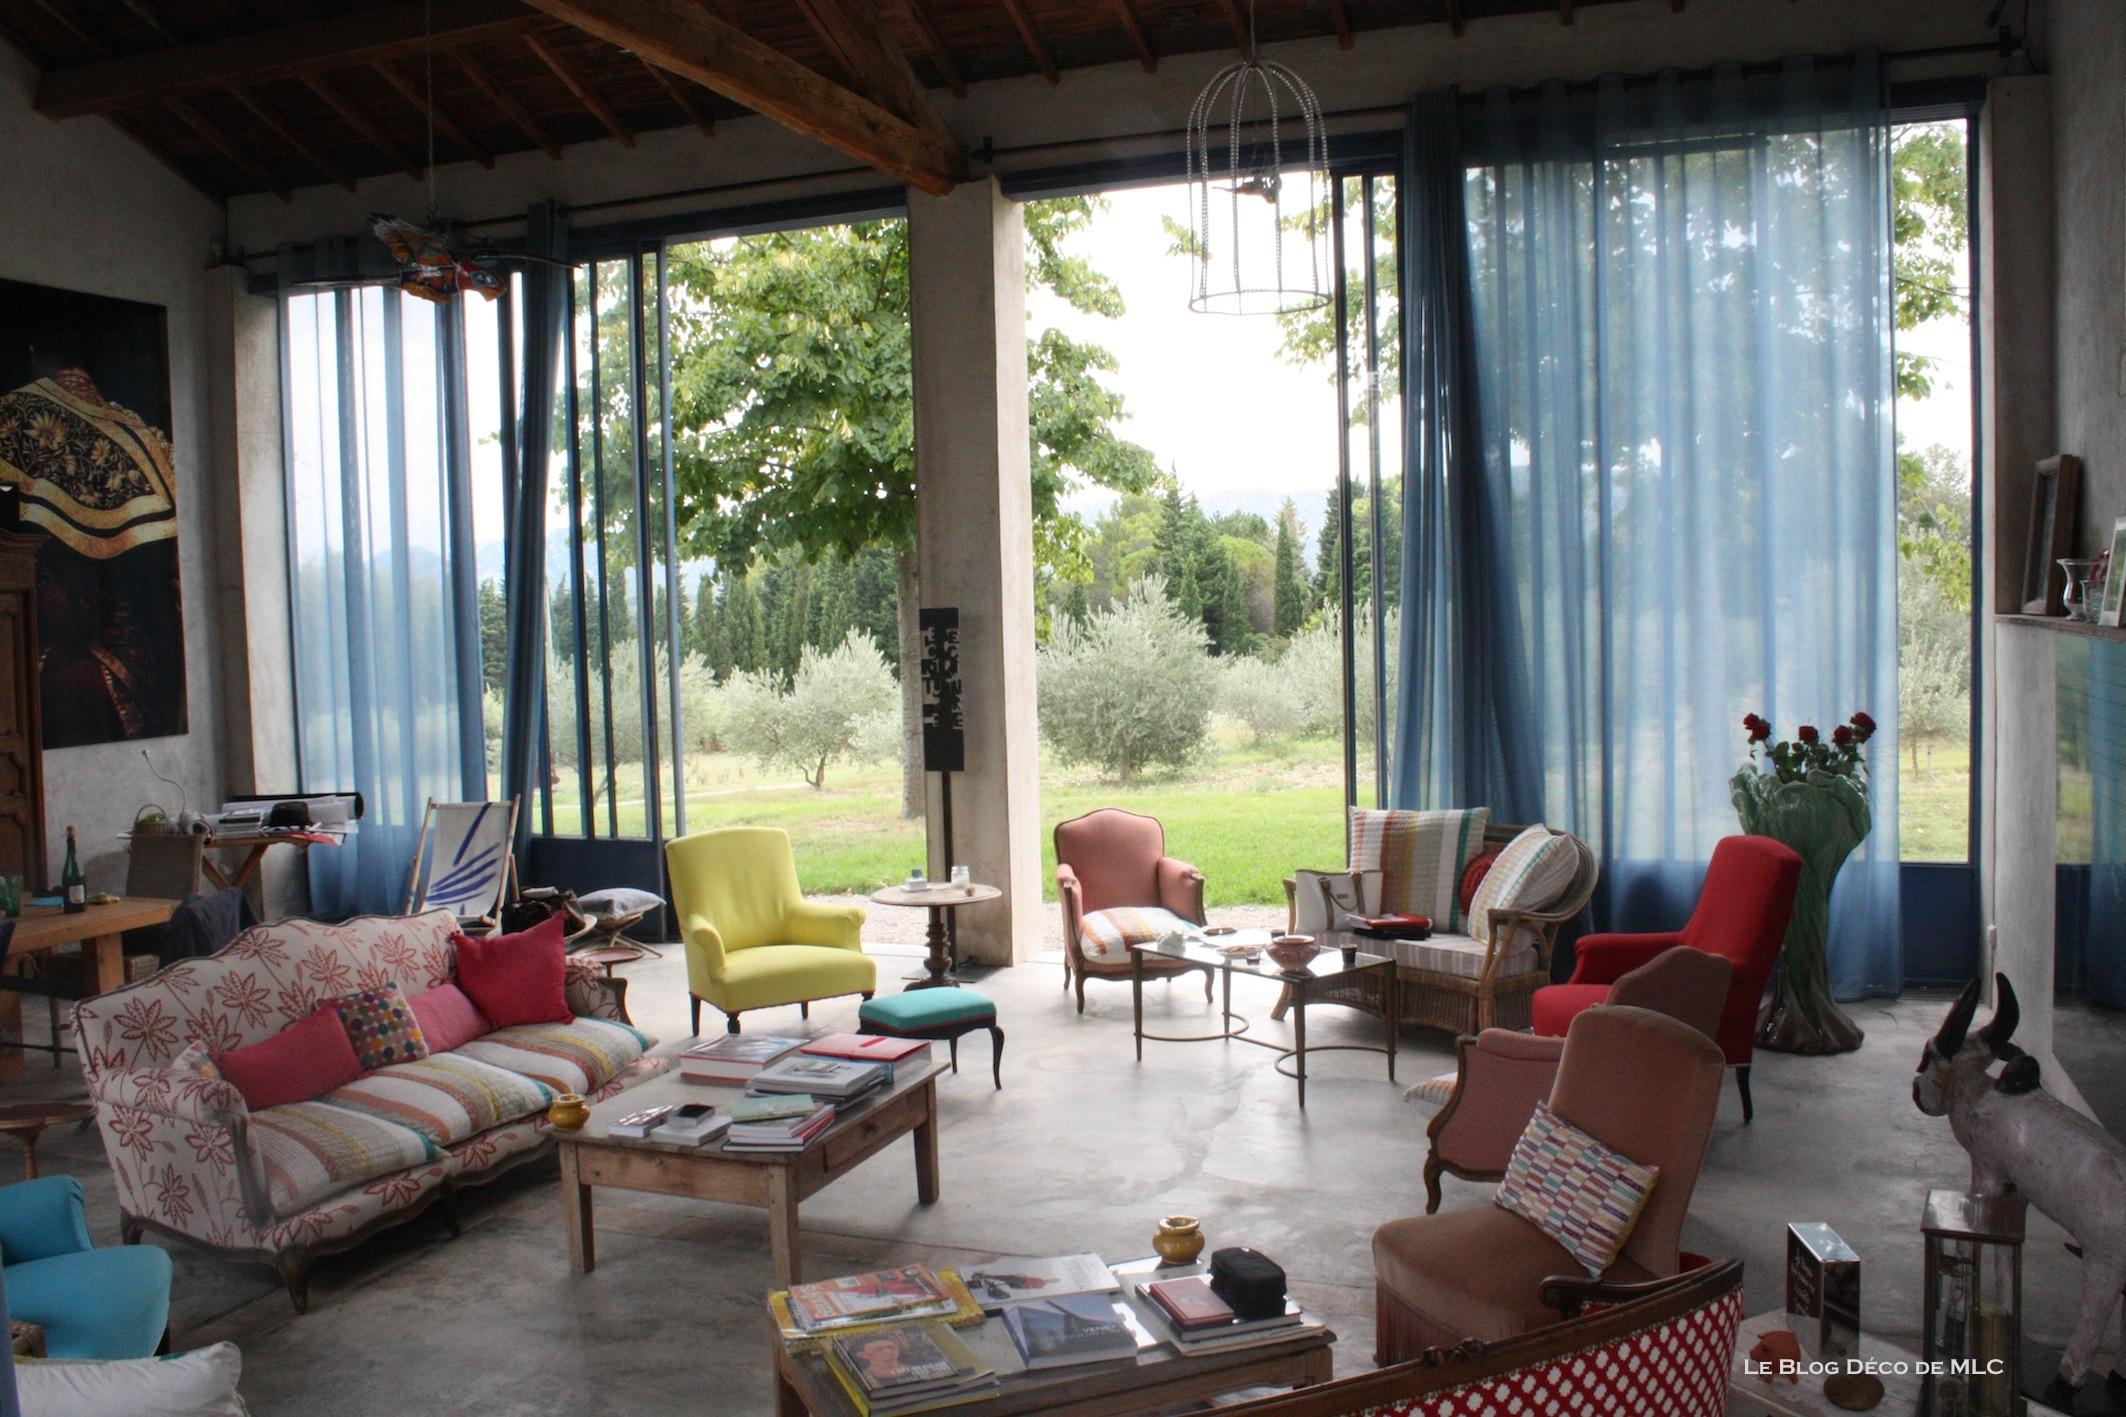 Une maison en provence archives le blog d co de mlc - Maison couleur provence ...